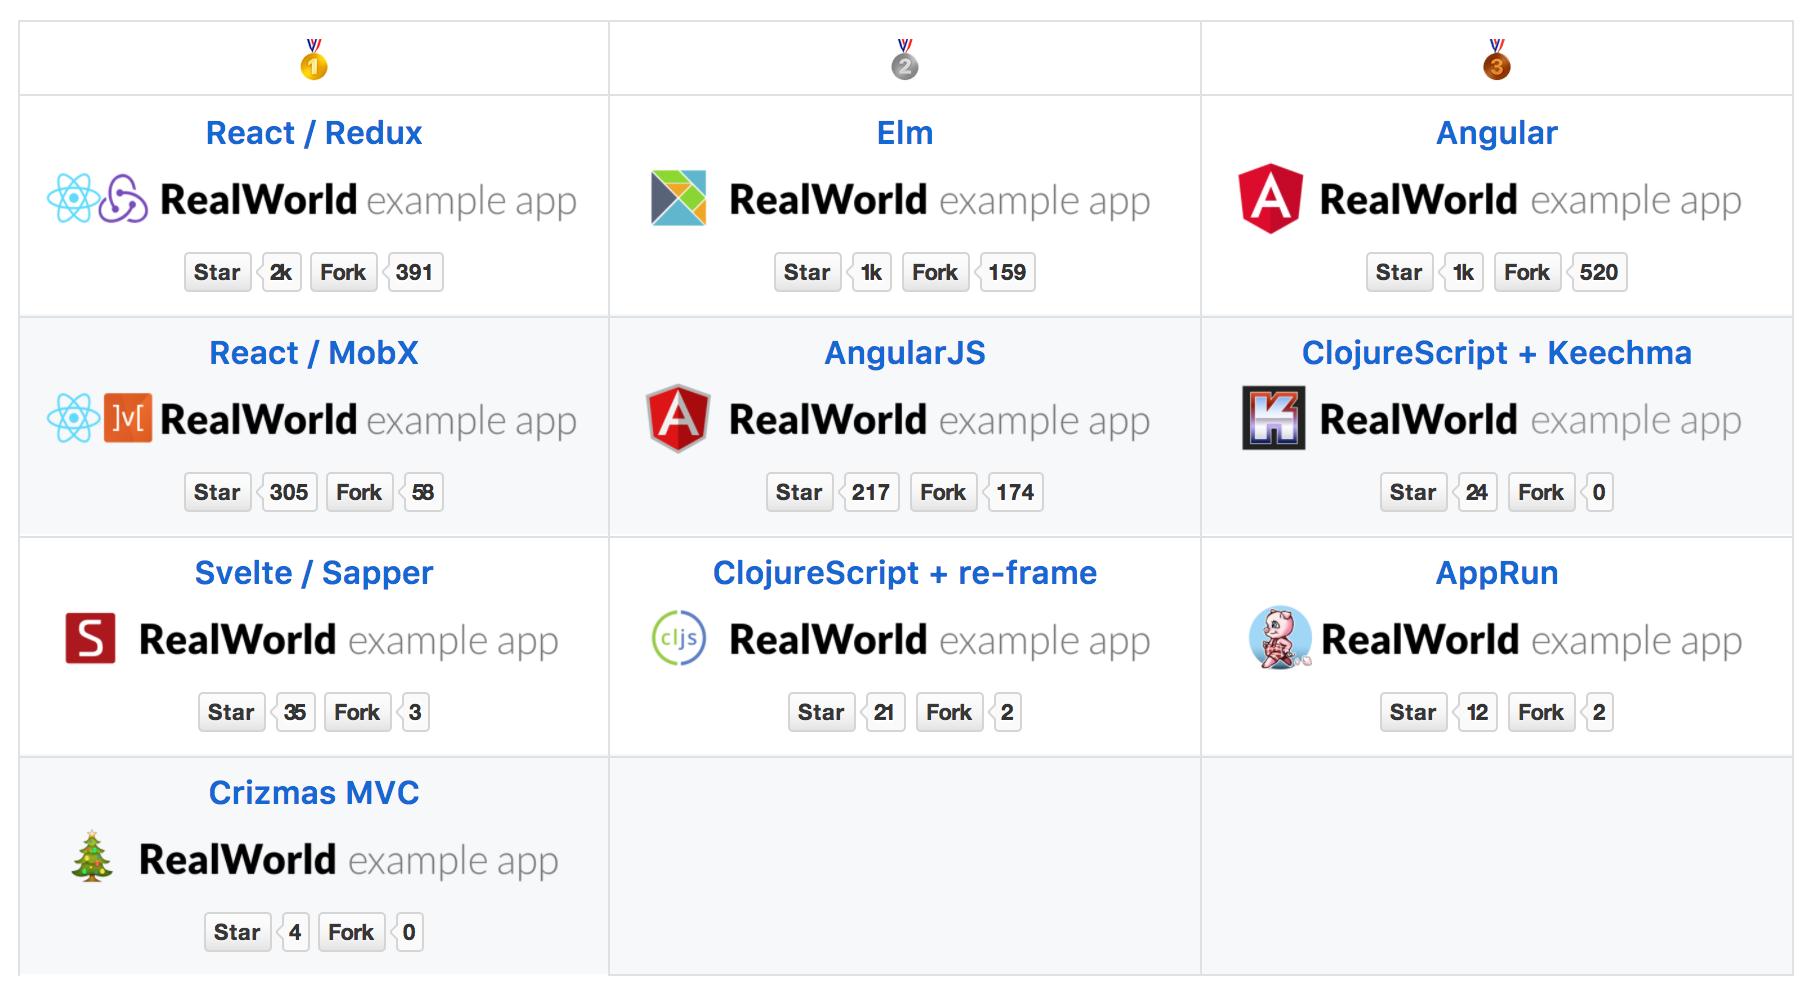 Разработка изоморфного RealWorld приложения с SSR и